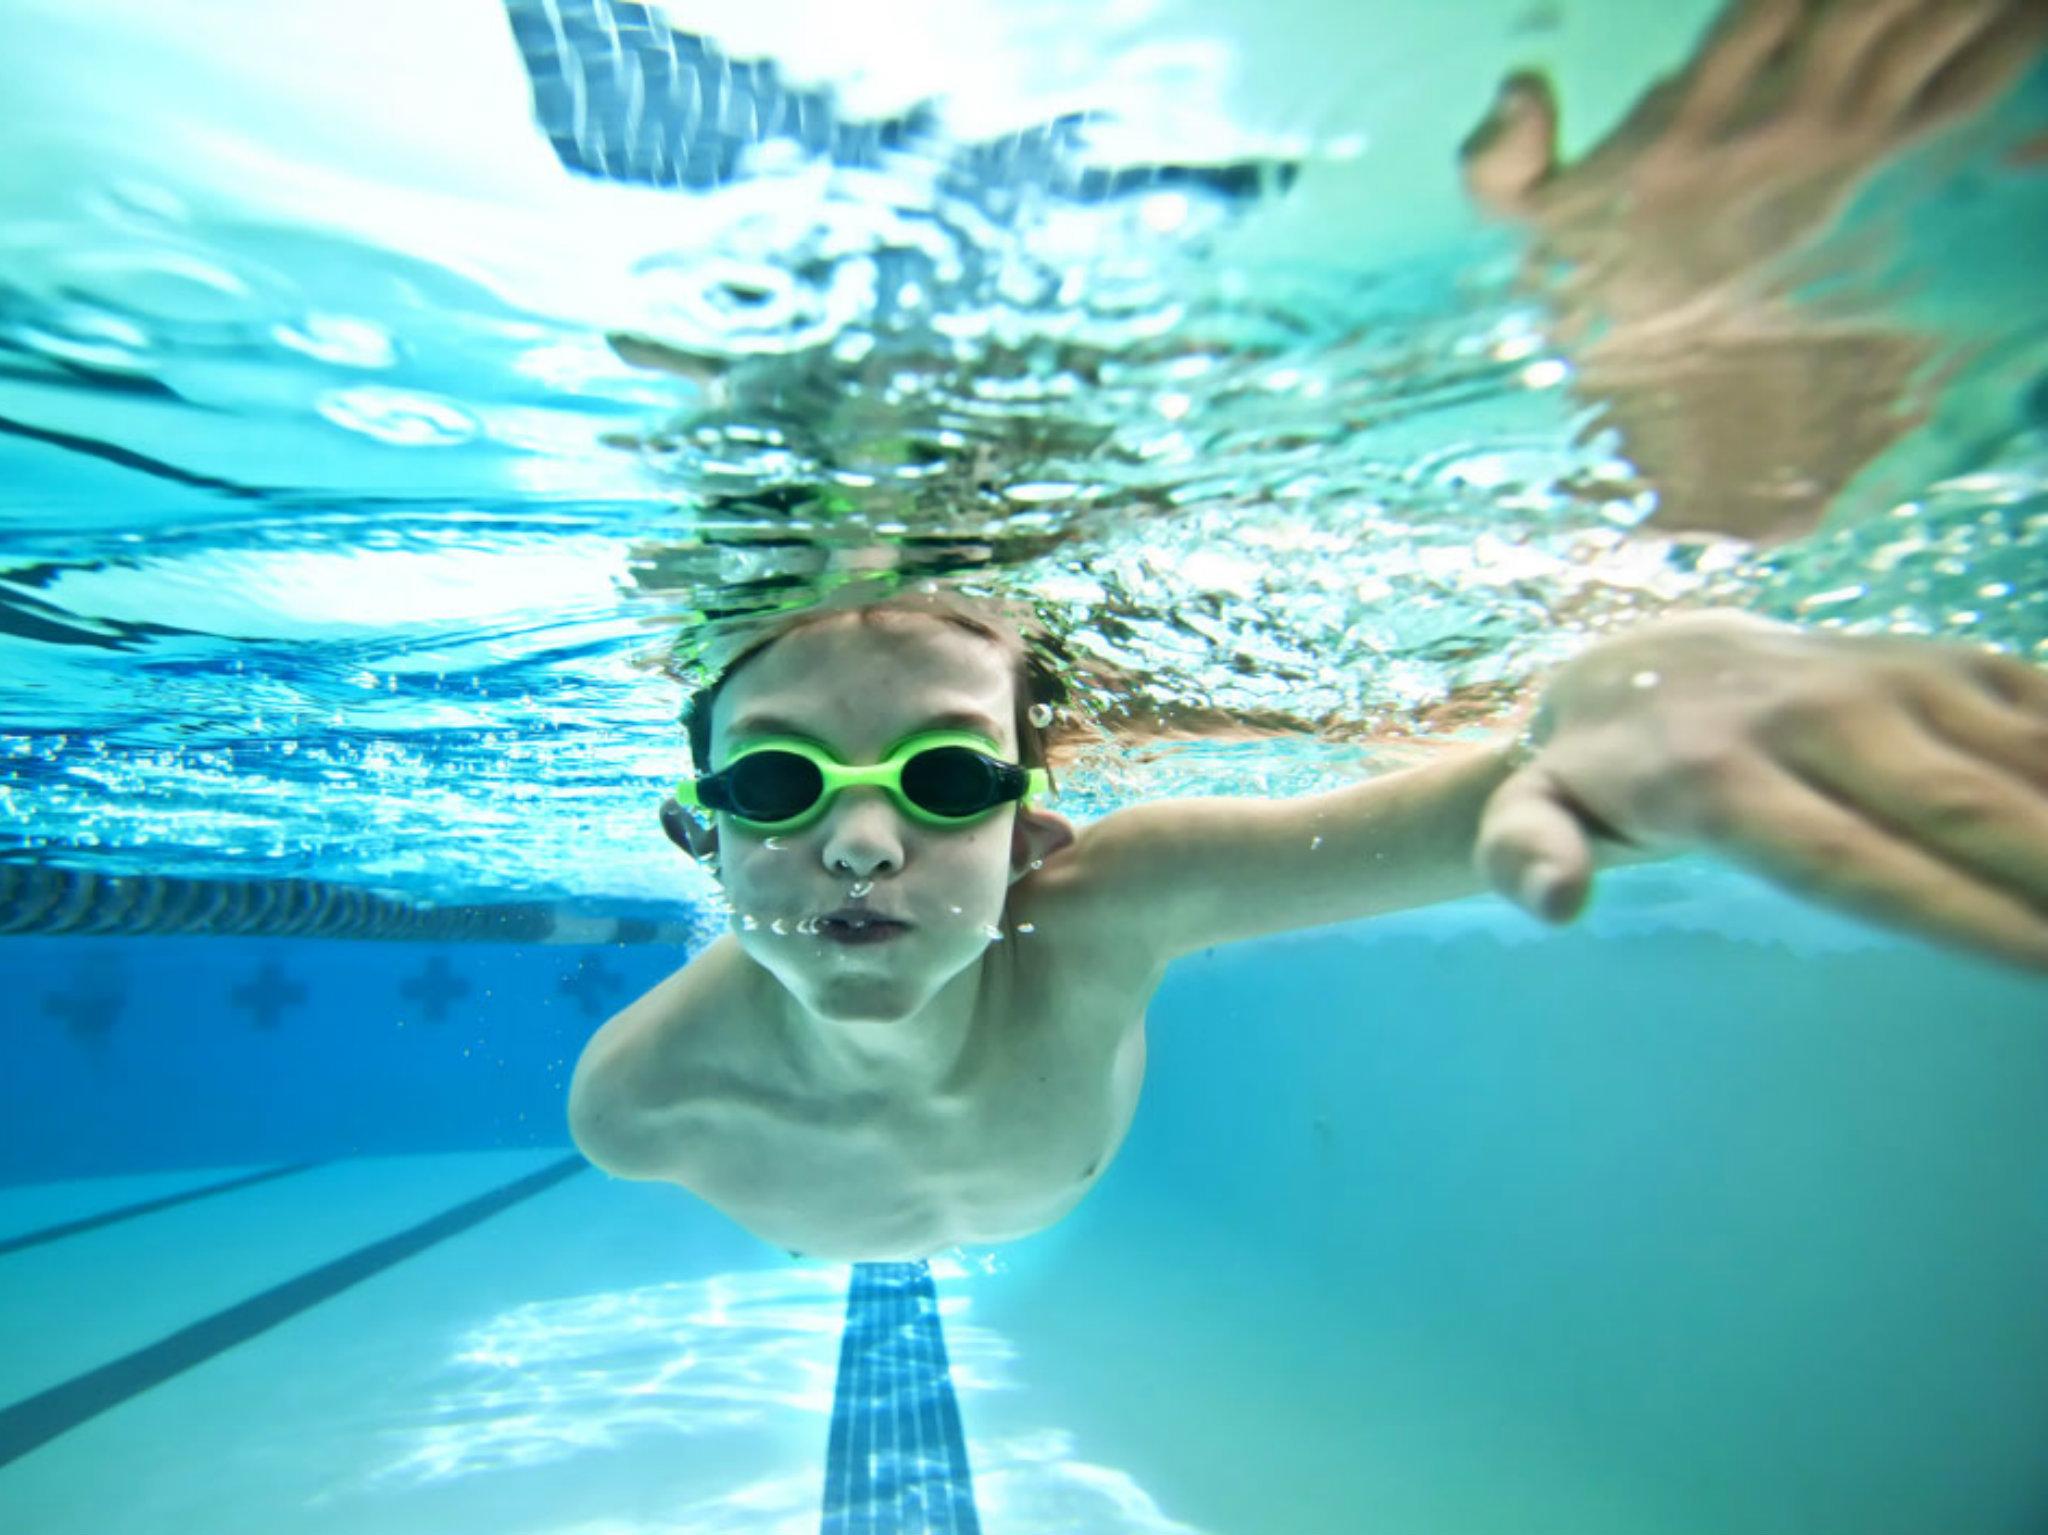 Clases de nataci n para ni os y beb s for Clases de piscina para ninos